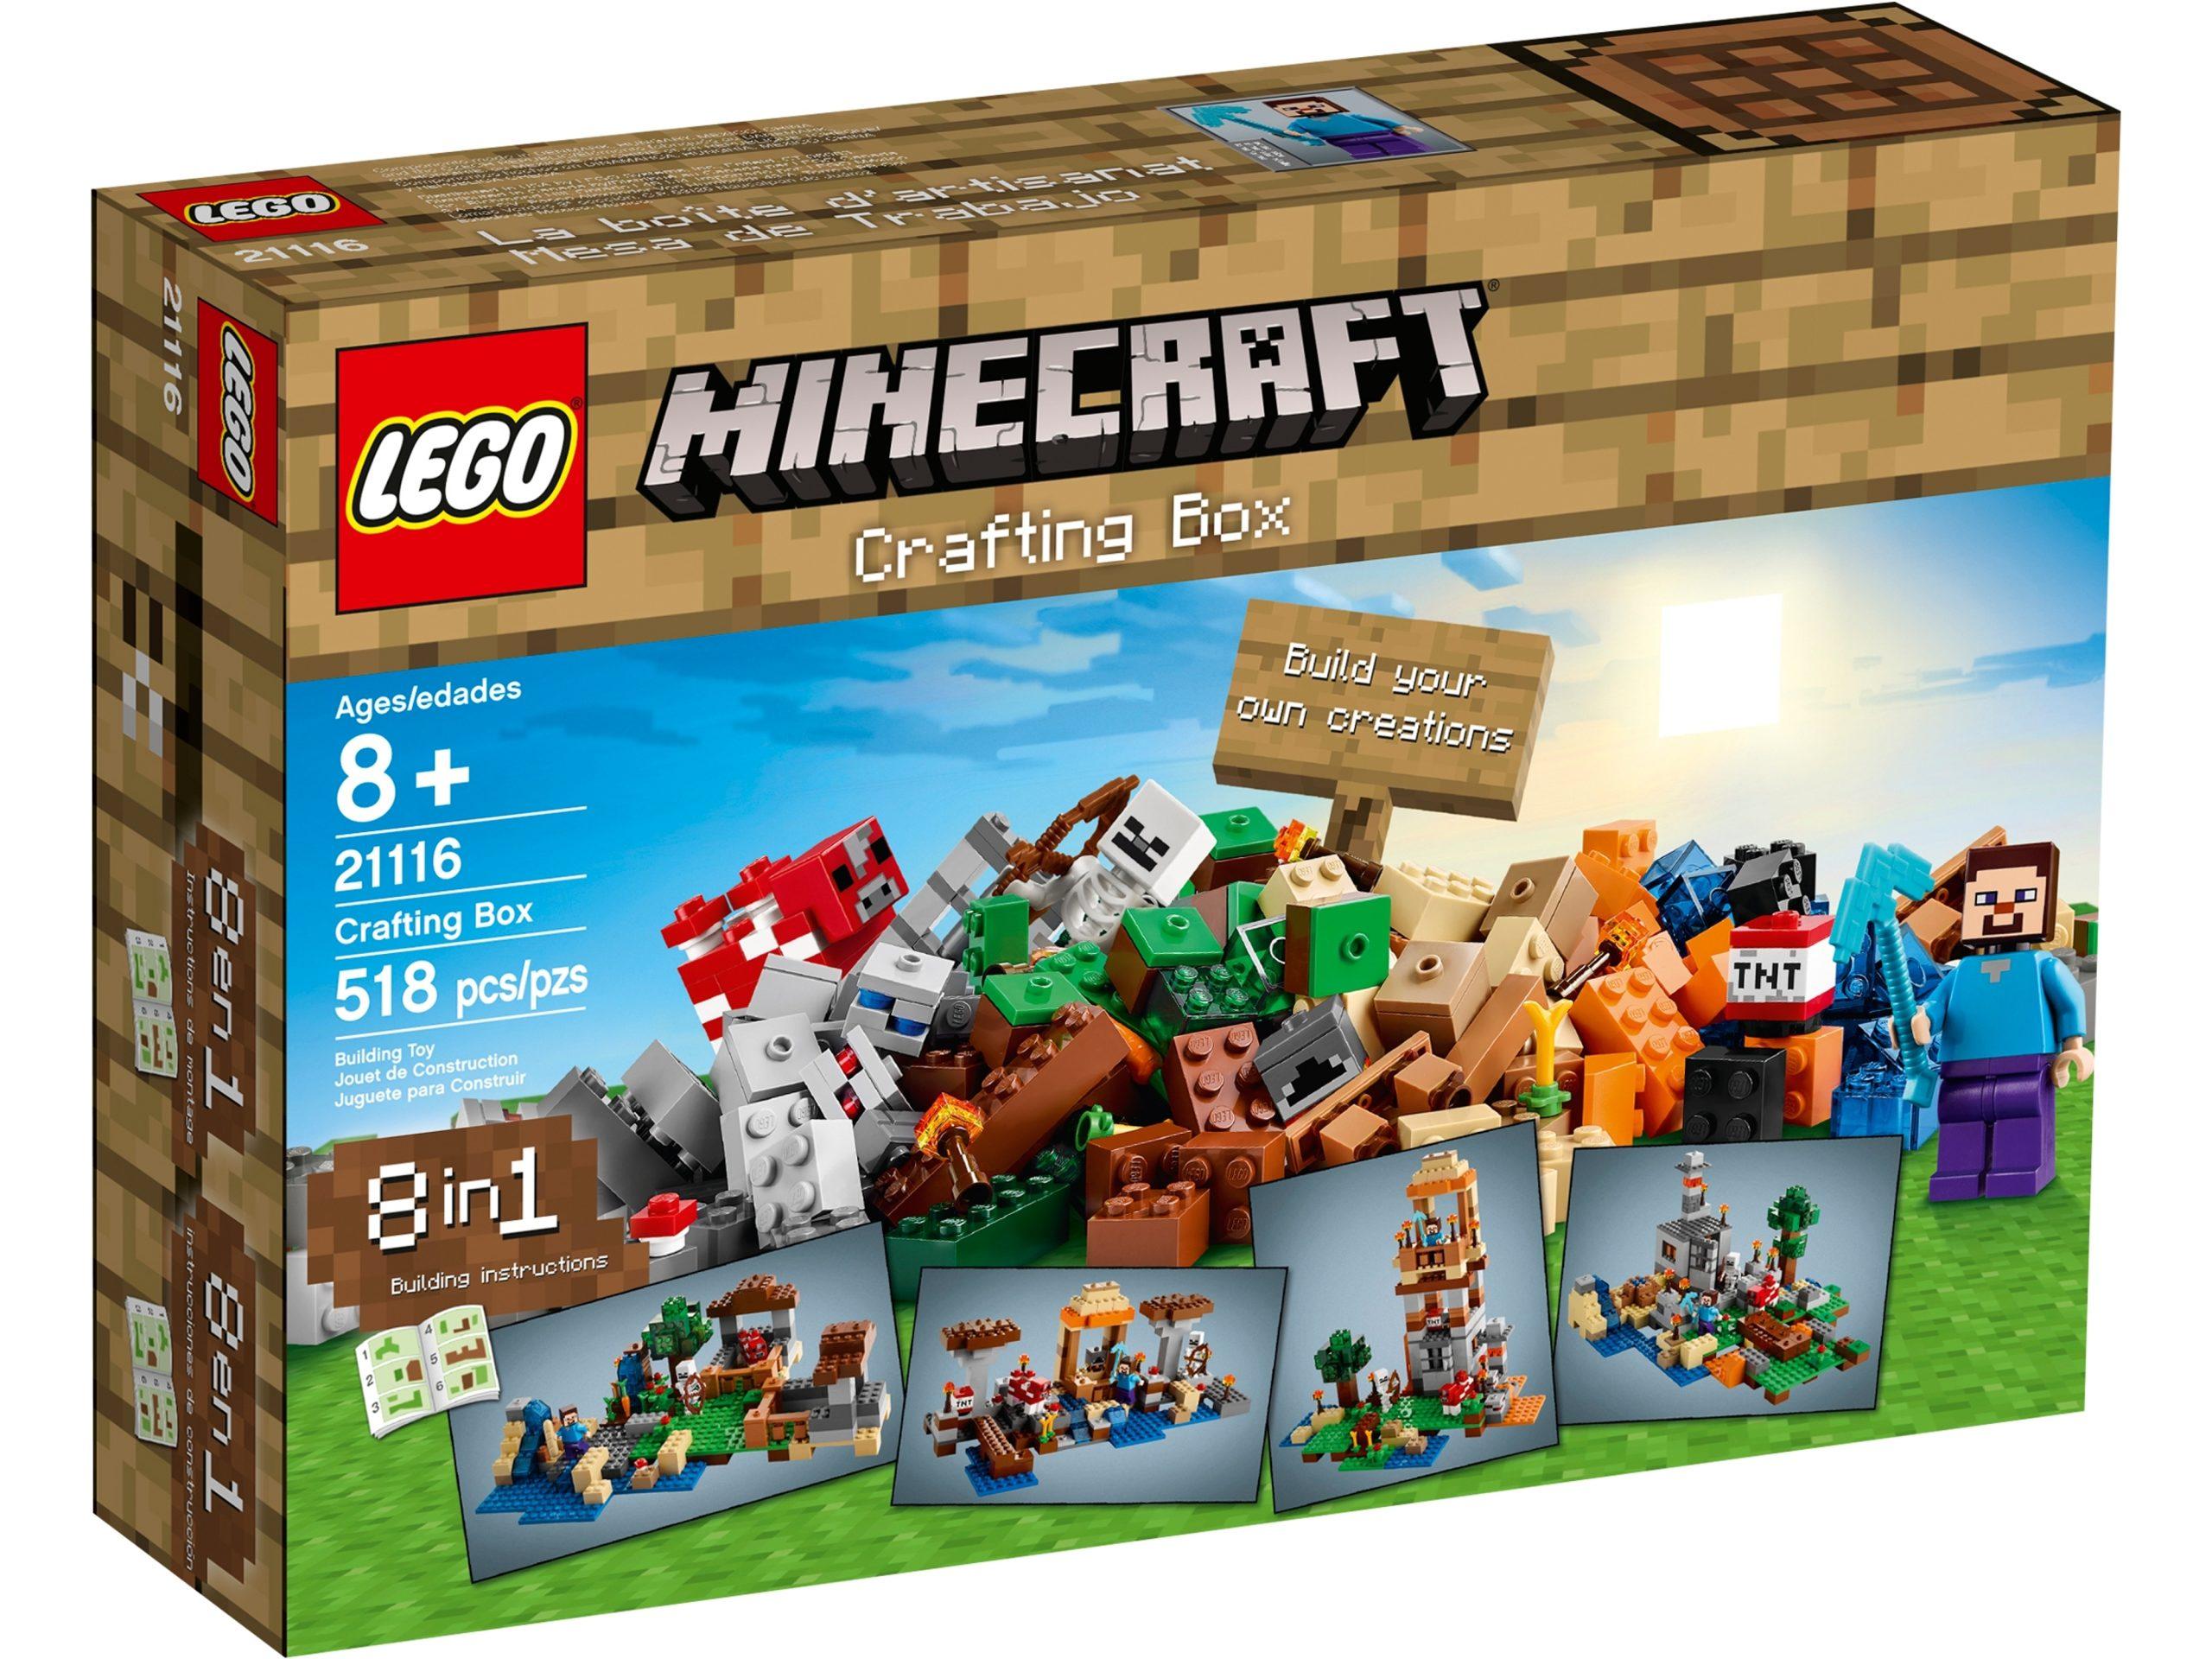 lego 21116 crafting boks scaled